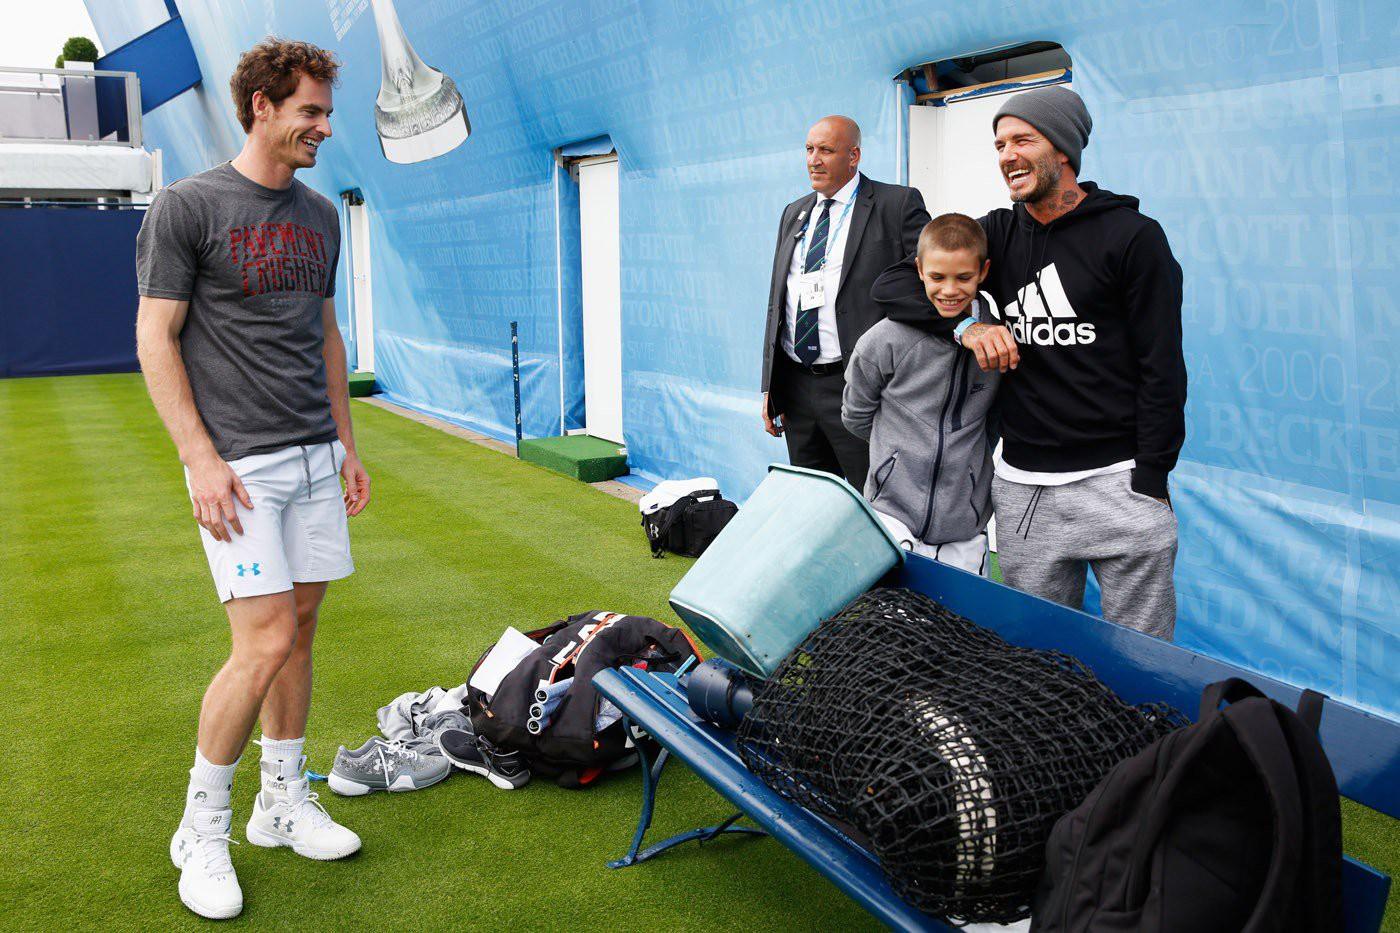 Con trai Beckham đấu tennis với tay vợt nữ số 2 thế giới - Ảnh 4.